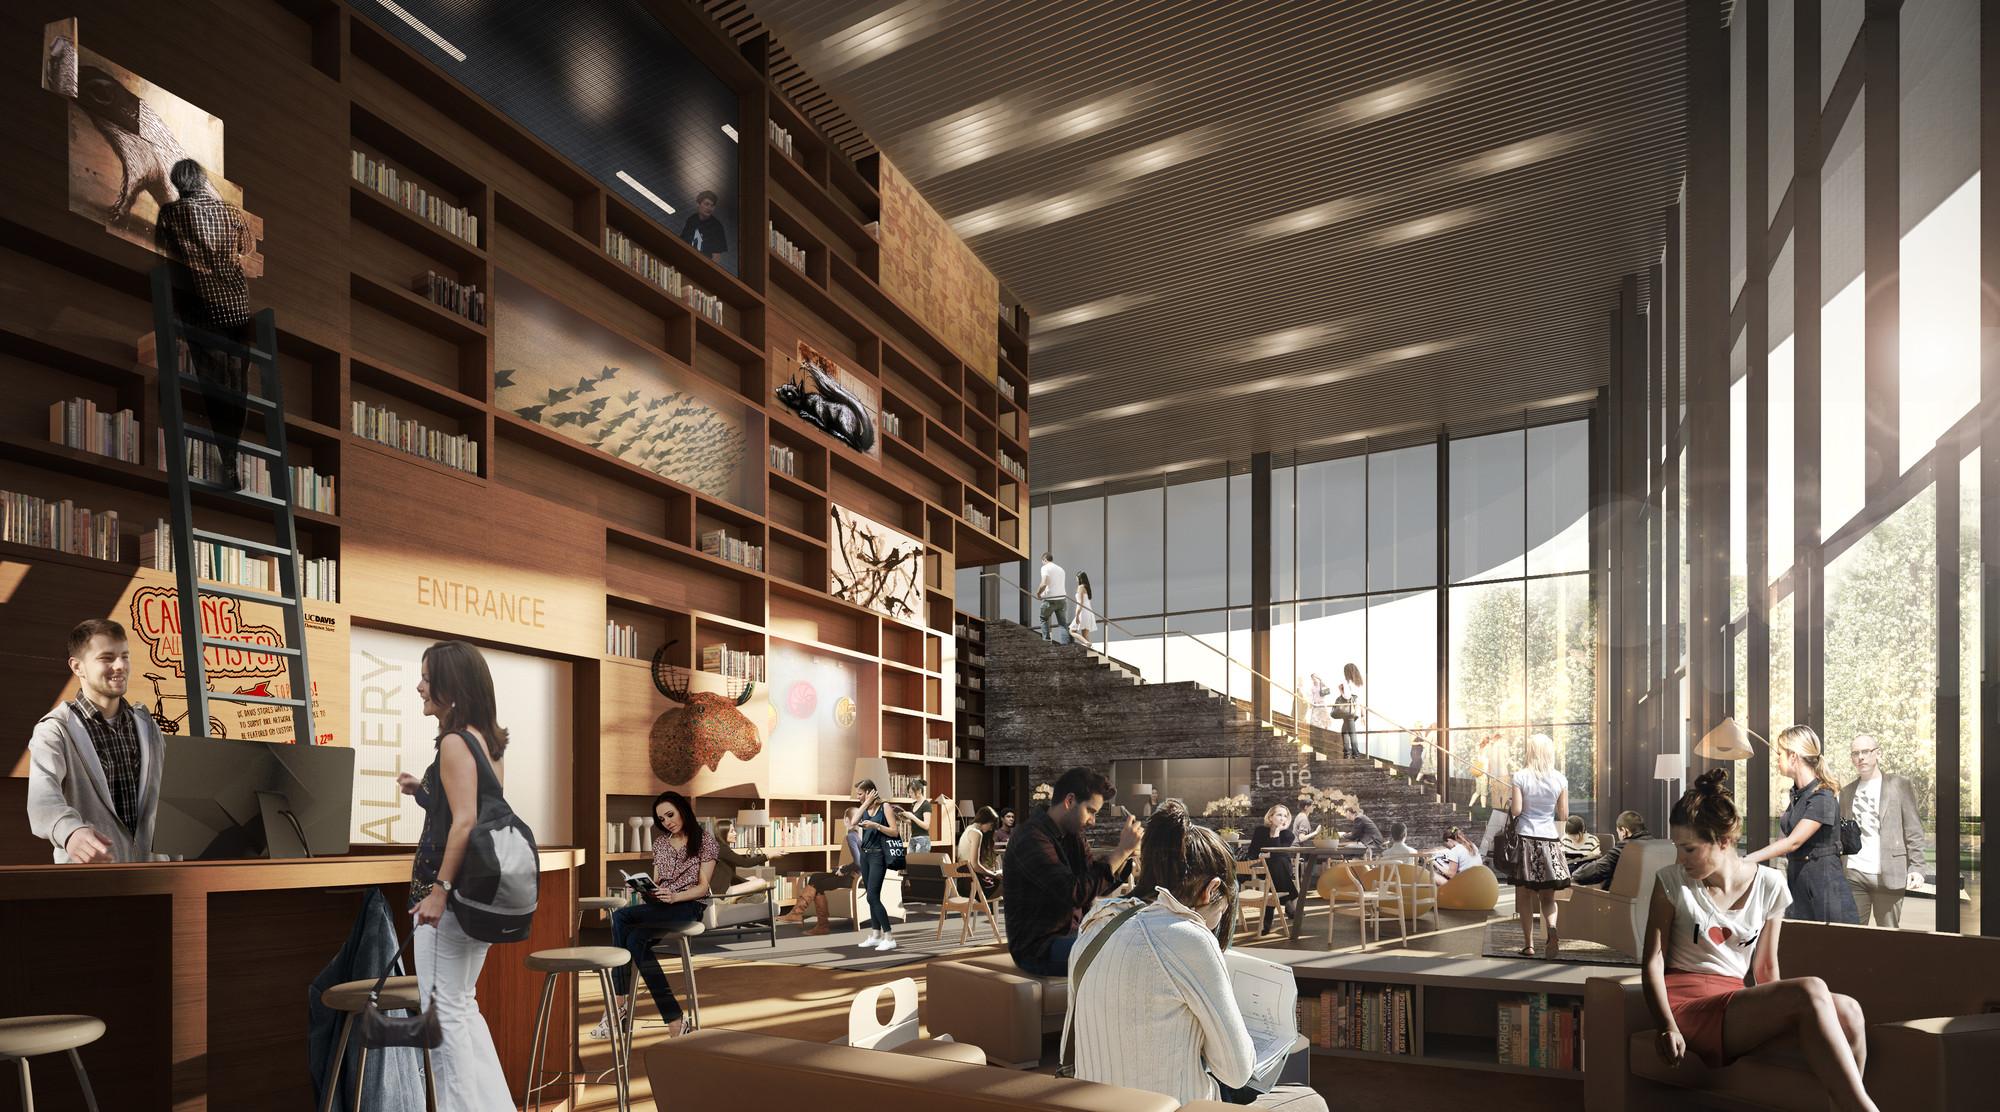 UC Davis Art Museum Proposal / Henning Larsen Architects, Courtesy of Henning Larsen Architects